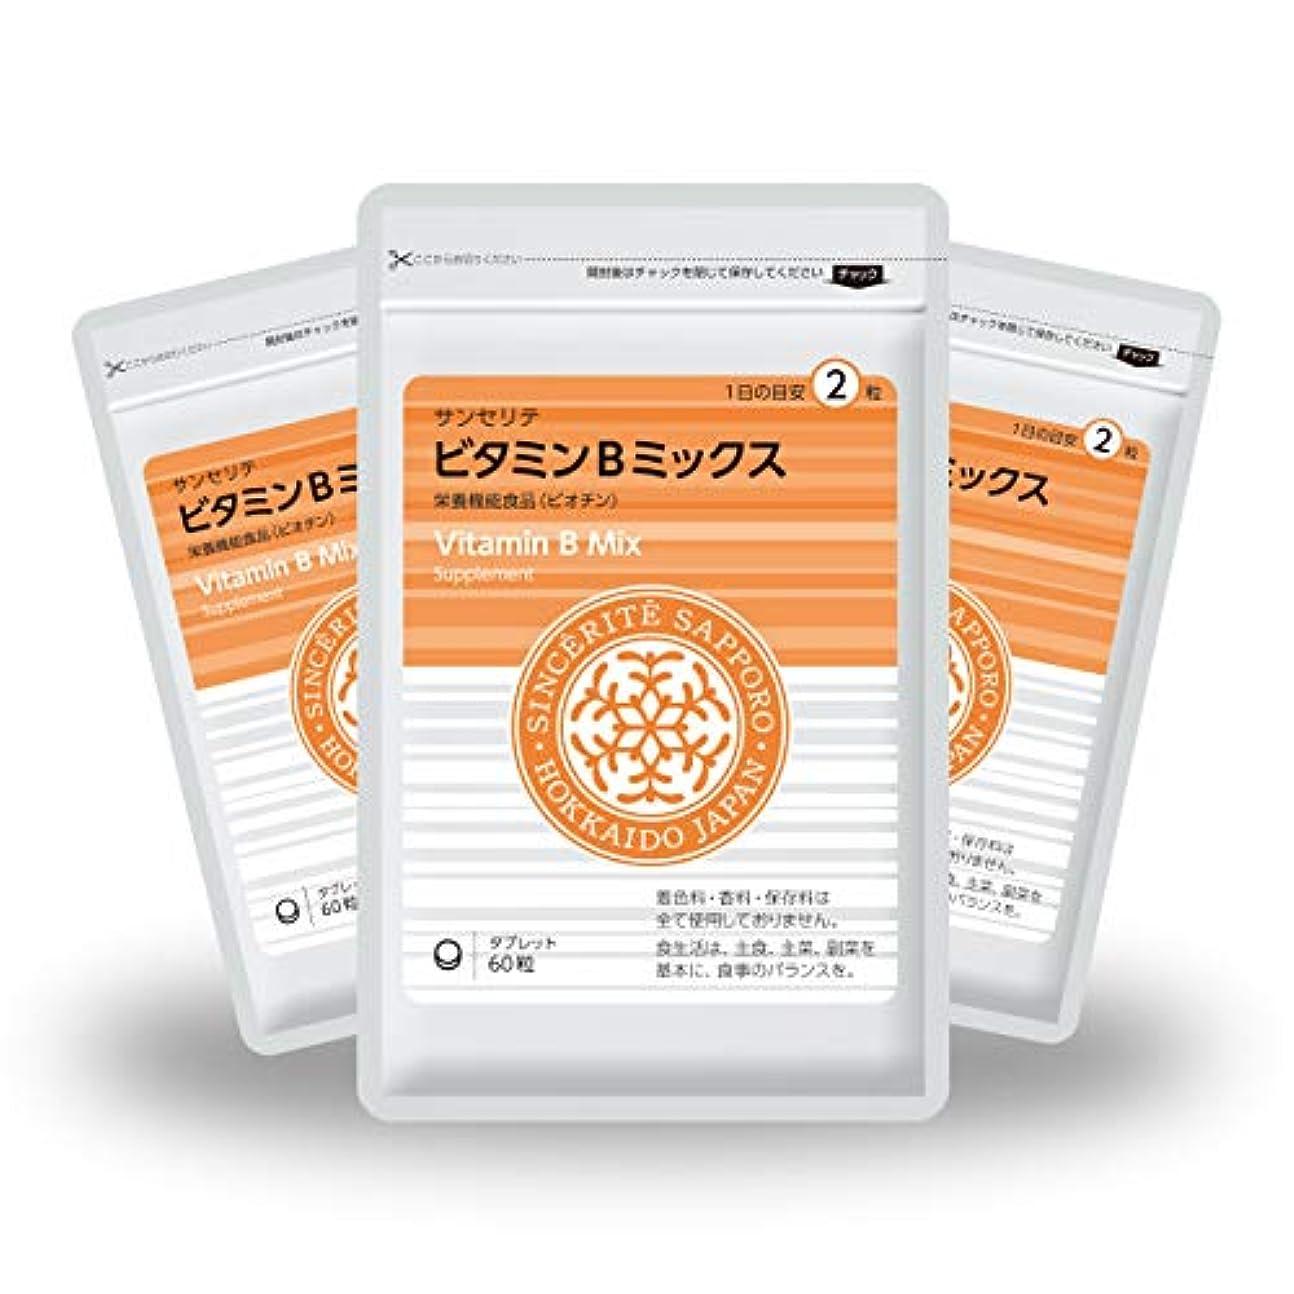 過剰シャックル一ビタミンBミックス 3袋セット[栄養機能食品]ビタミンB群たっぷり配合[国内製造]お得な90日分